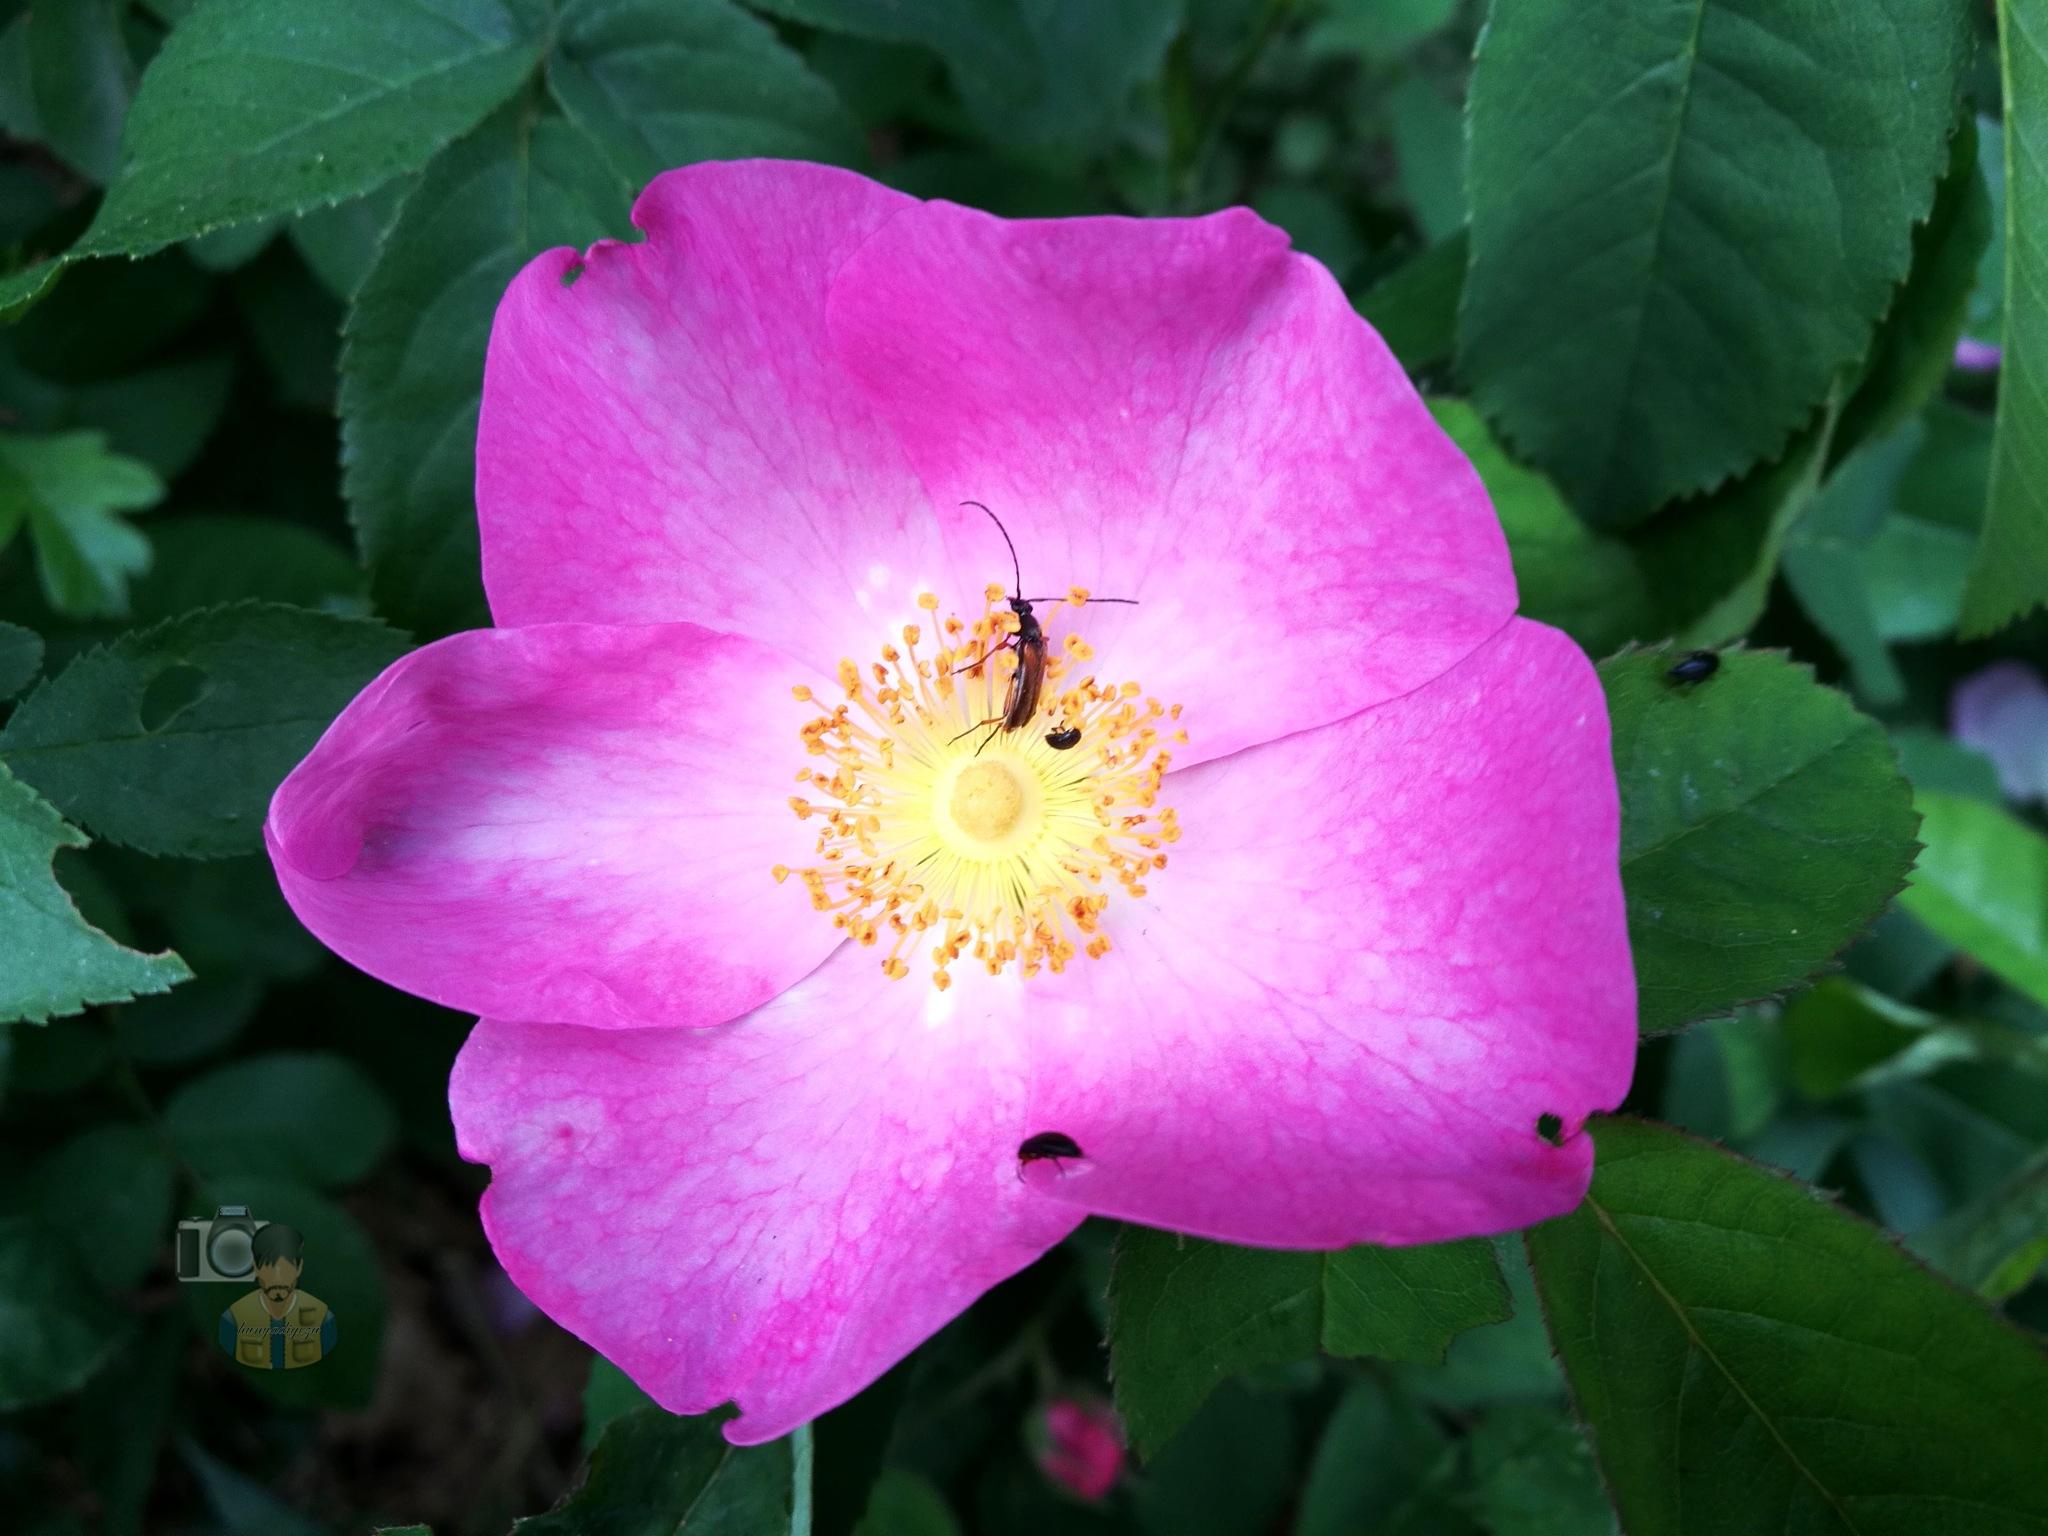 May.22, Wild Rose by hunyadigeza